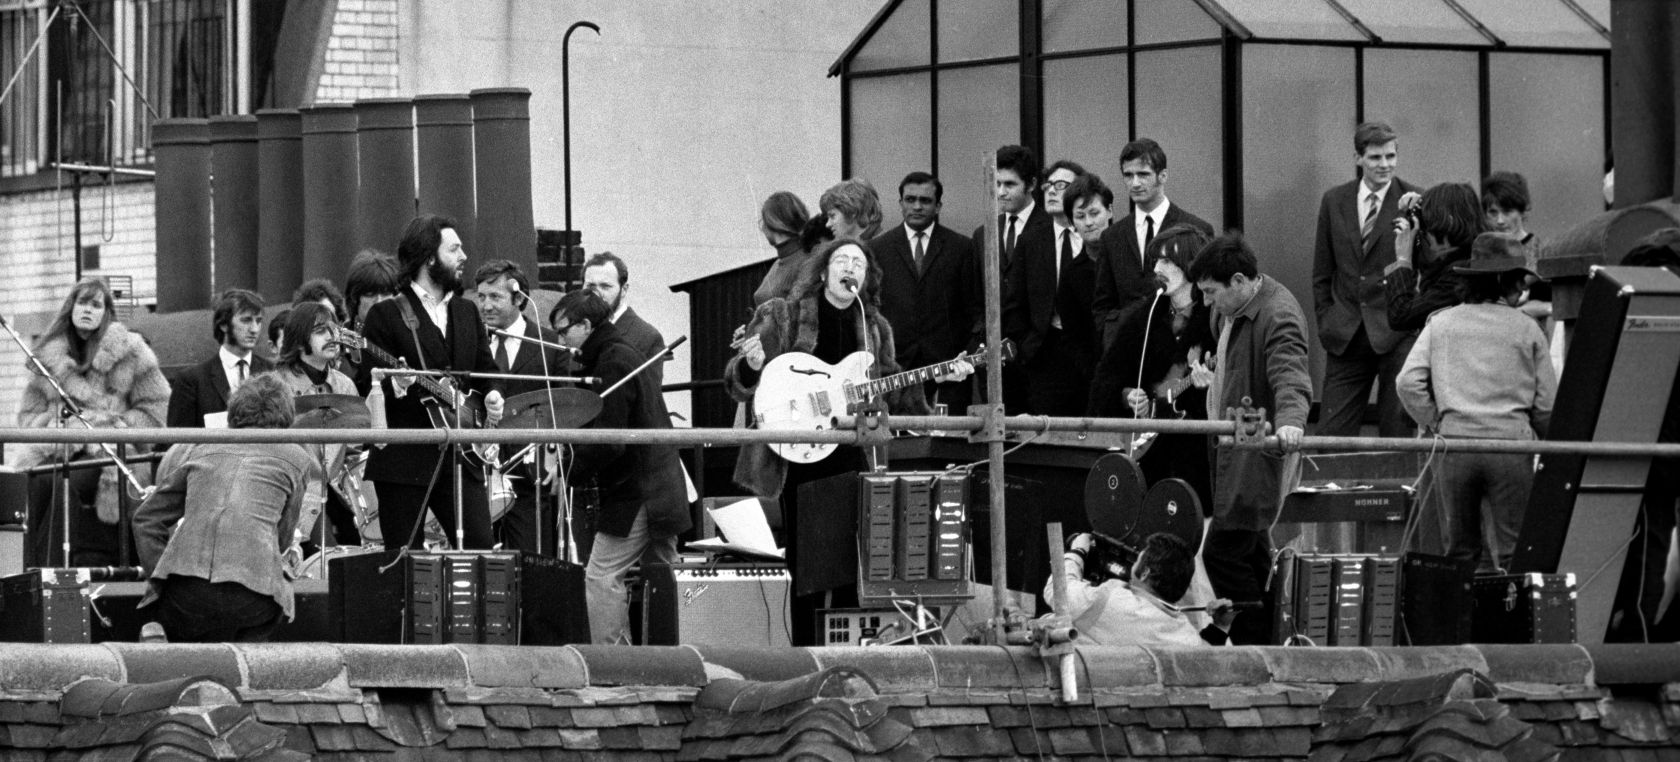 Este es el primer avance del documental de Peter Jackson sobre los Beatles